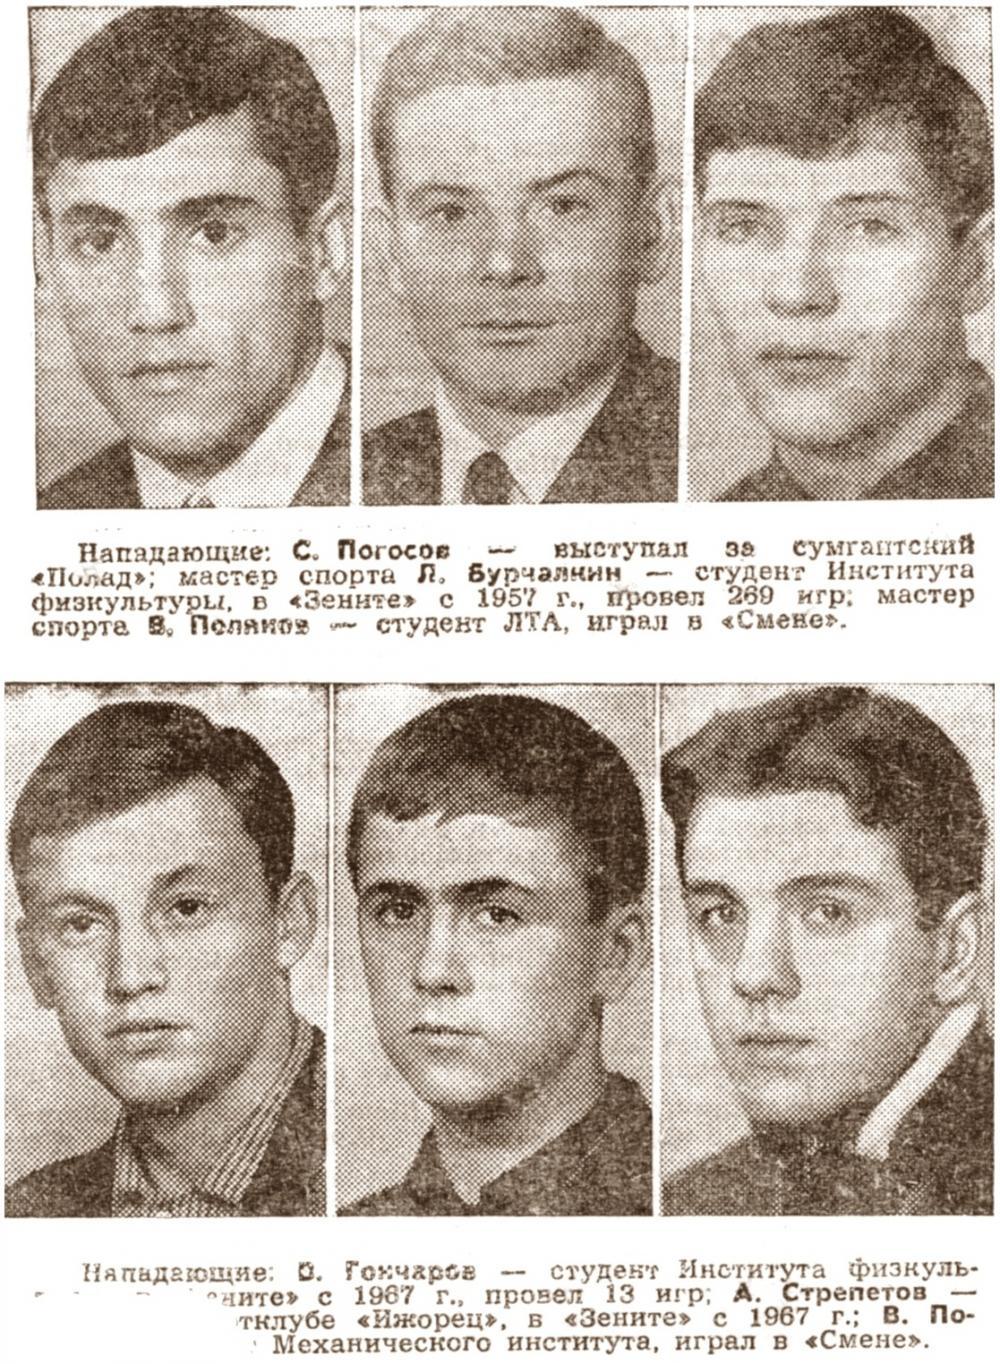 Зенит (Ленинград) - 1968. Нажмите, чтобы посмотреть истинный размер рисунка